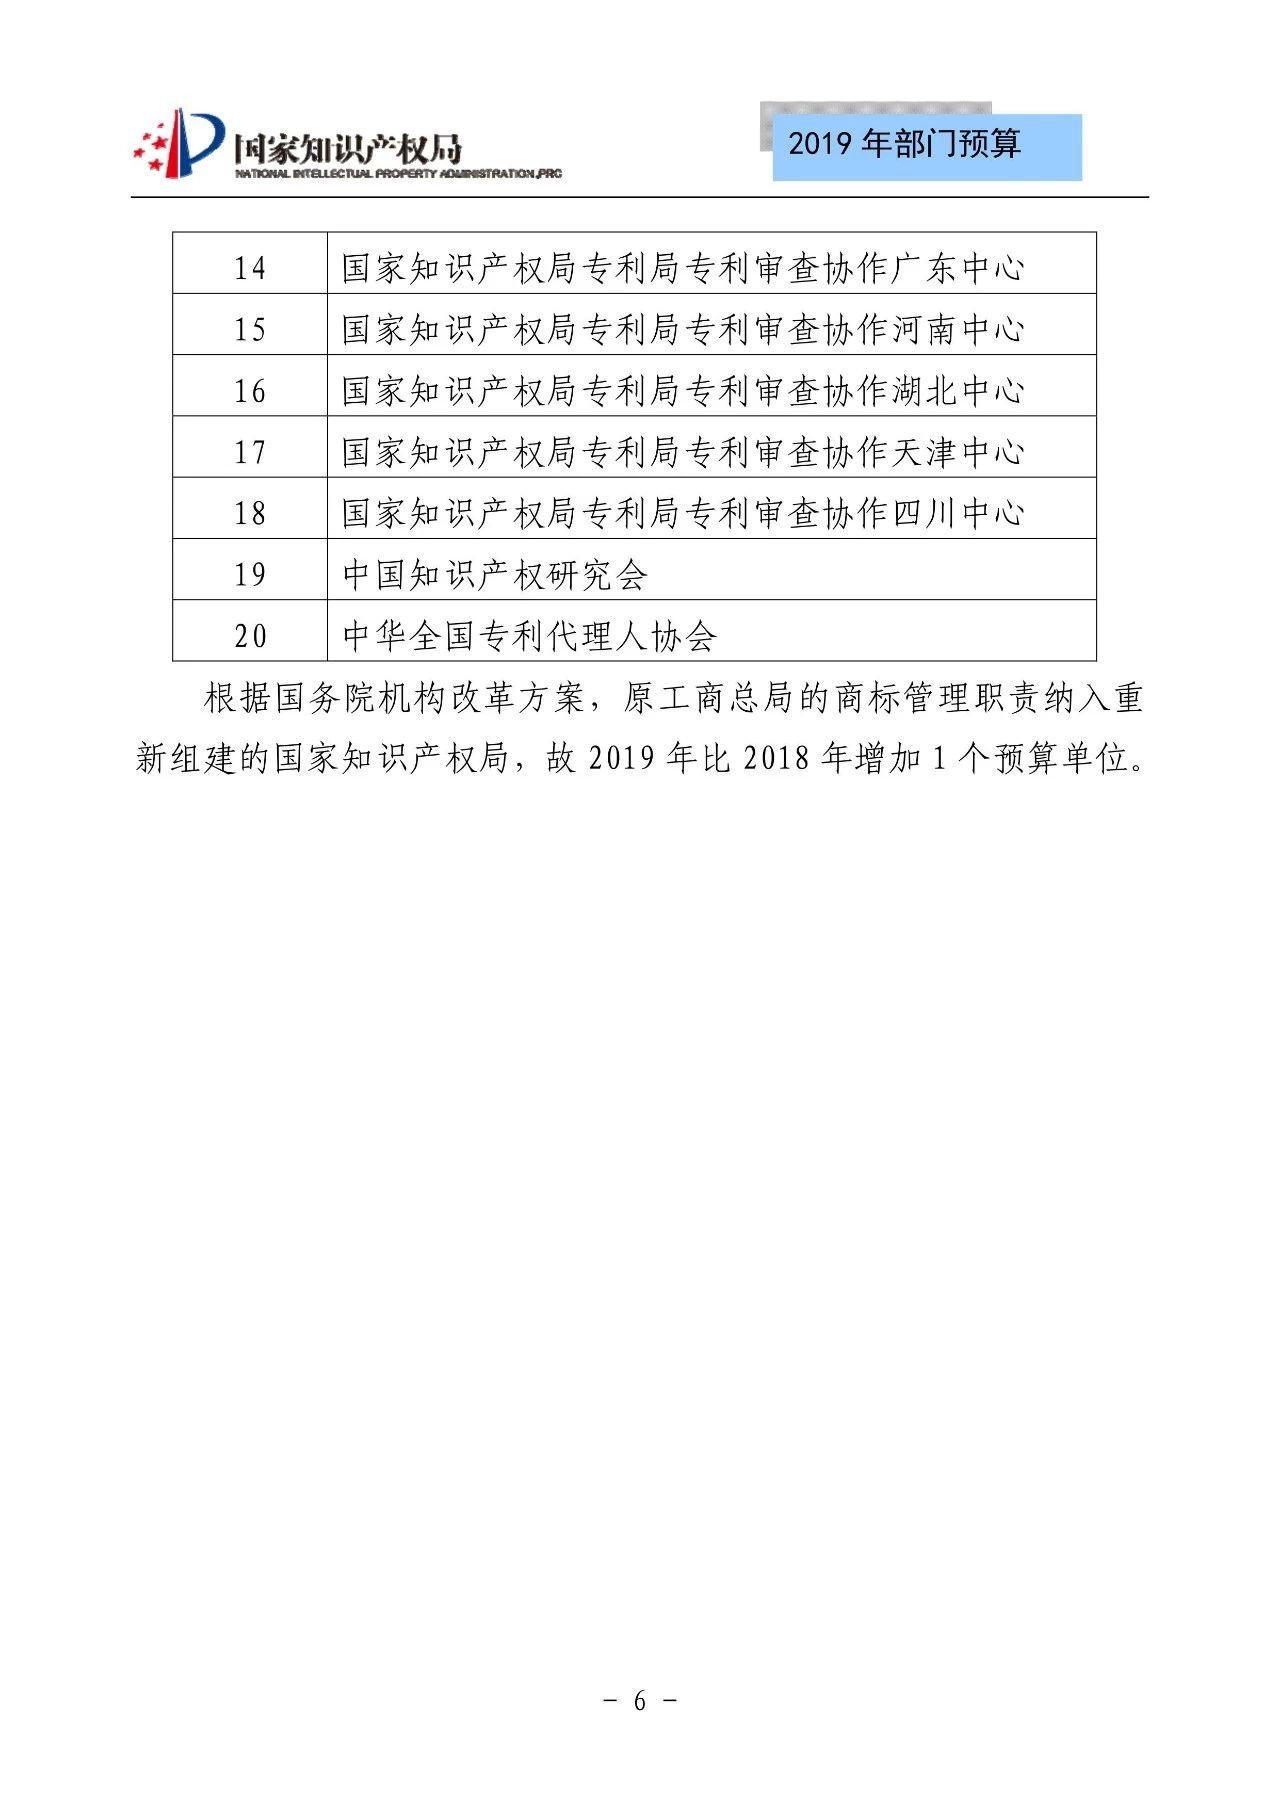 国家知识产权局2019年部门预算(全文)